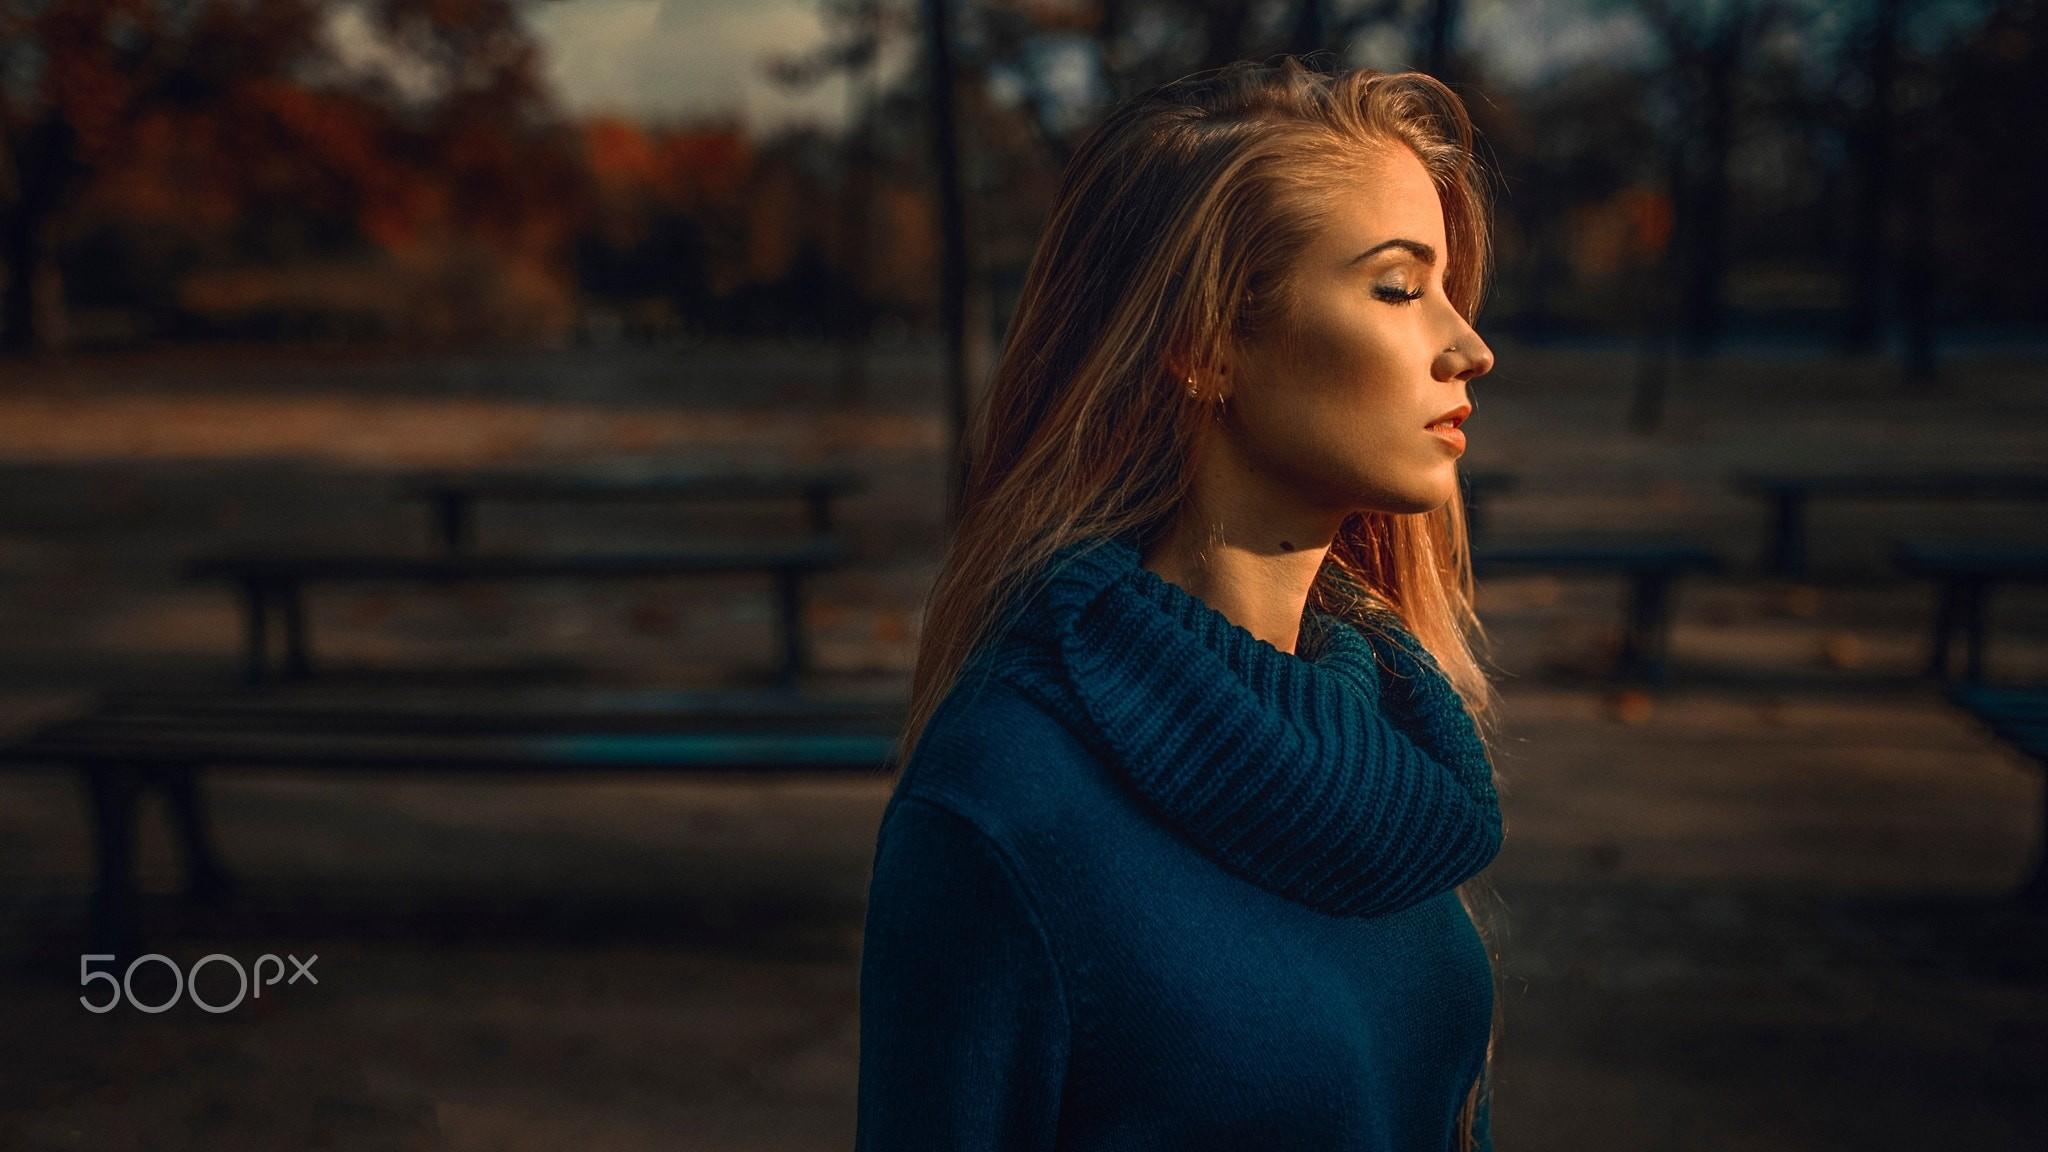 Sfondi : donne, bionda, capelli lunghi, occhi blu, capelli